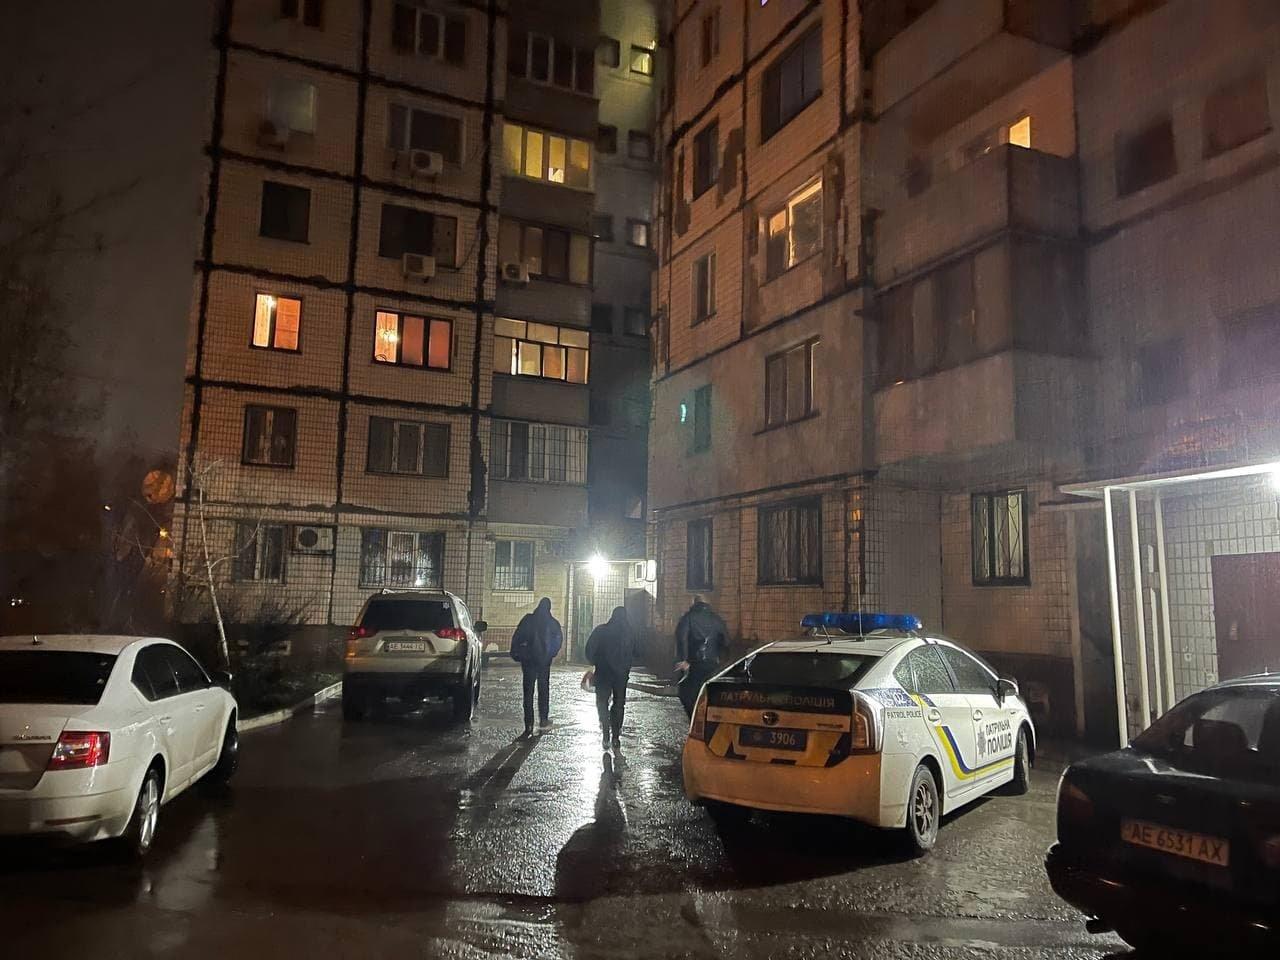 Криворожанин грозился взорвать гранату в квартире. Жена вызвала полицию, - ФОТО, фото-5